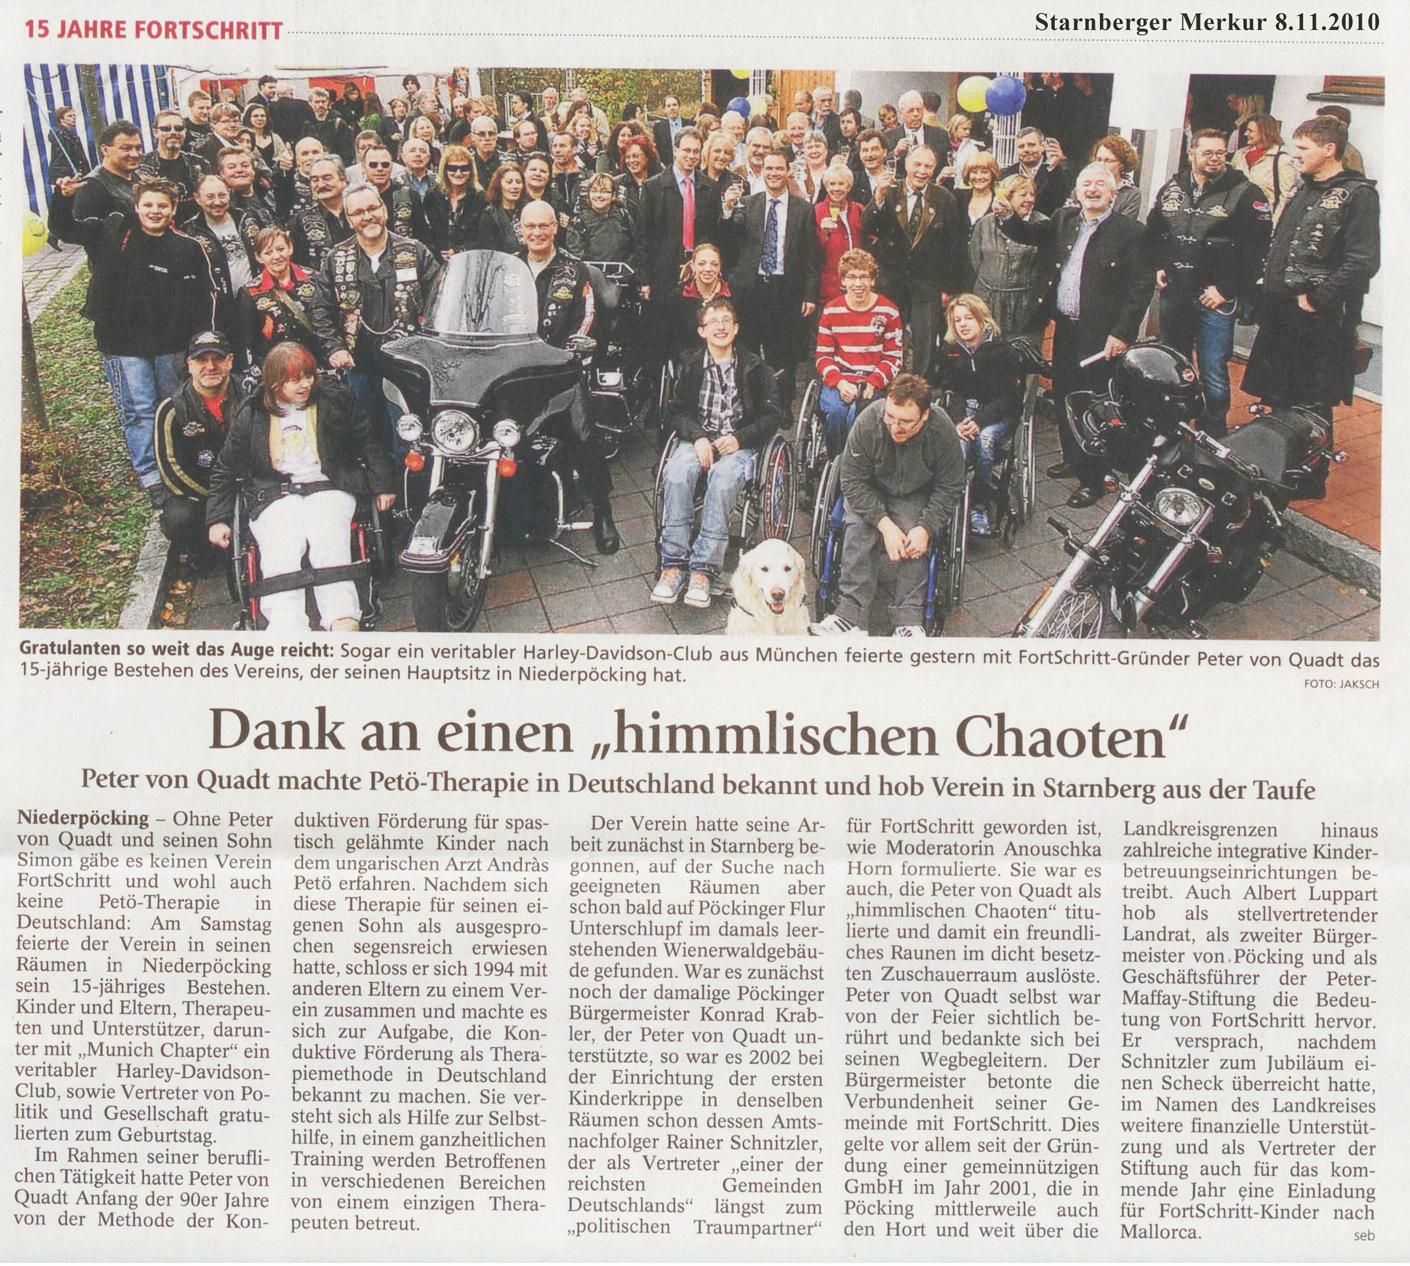 Pressebericht vom Starnberger-Merkur